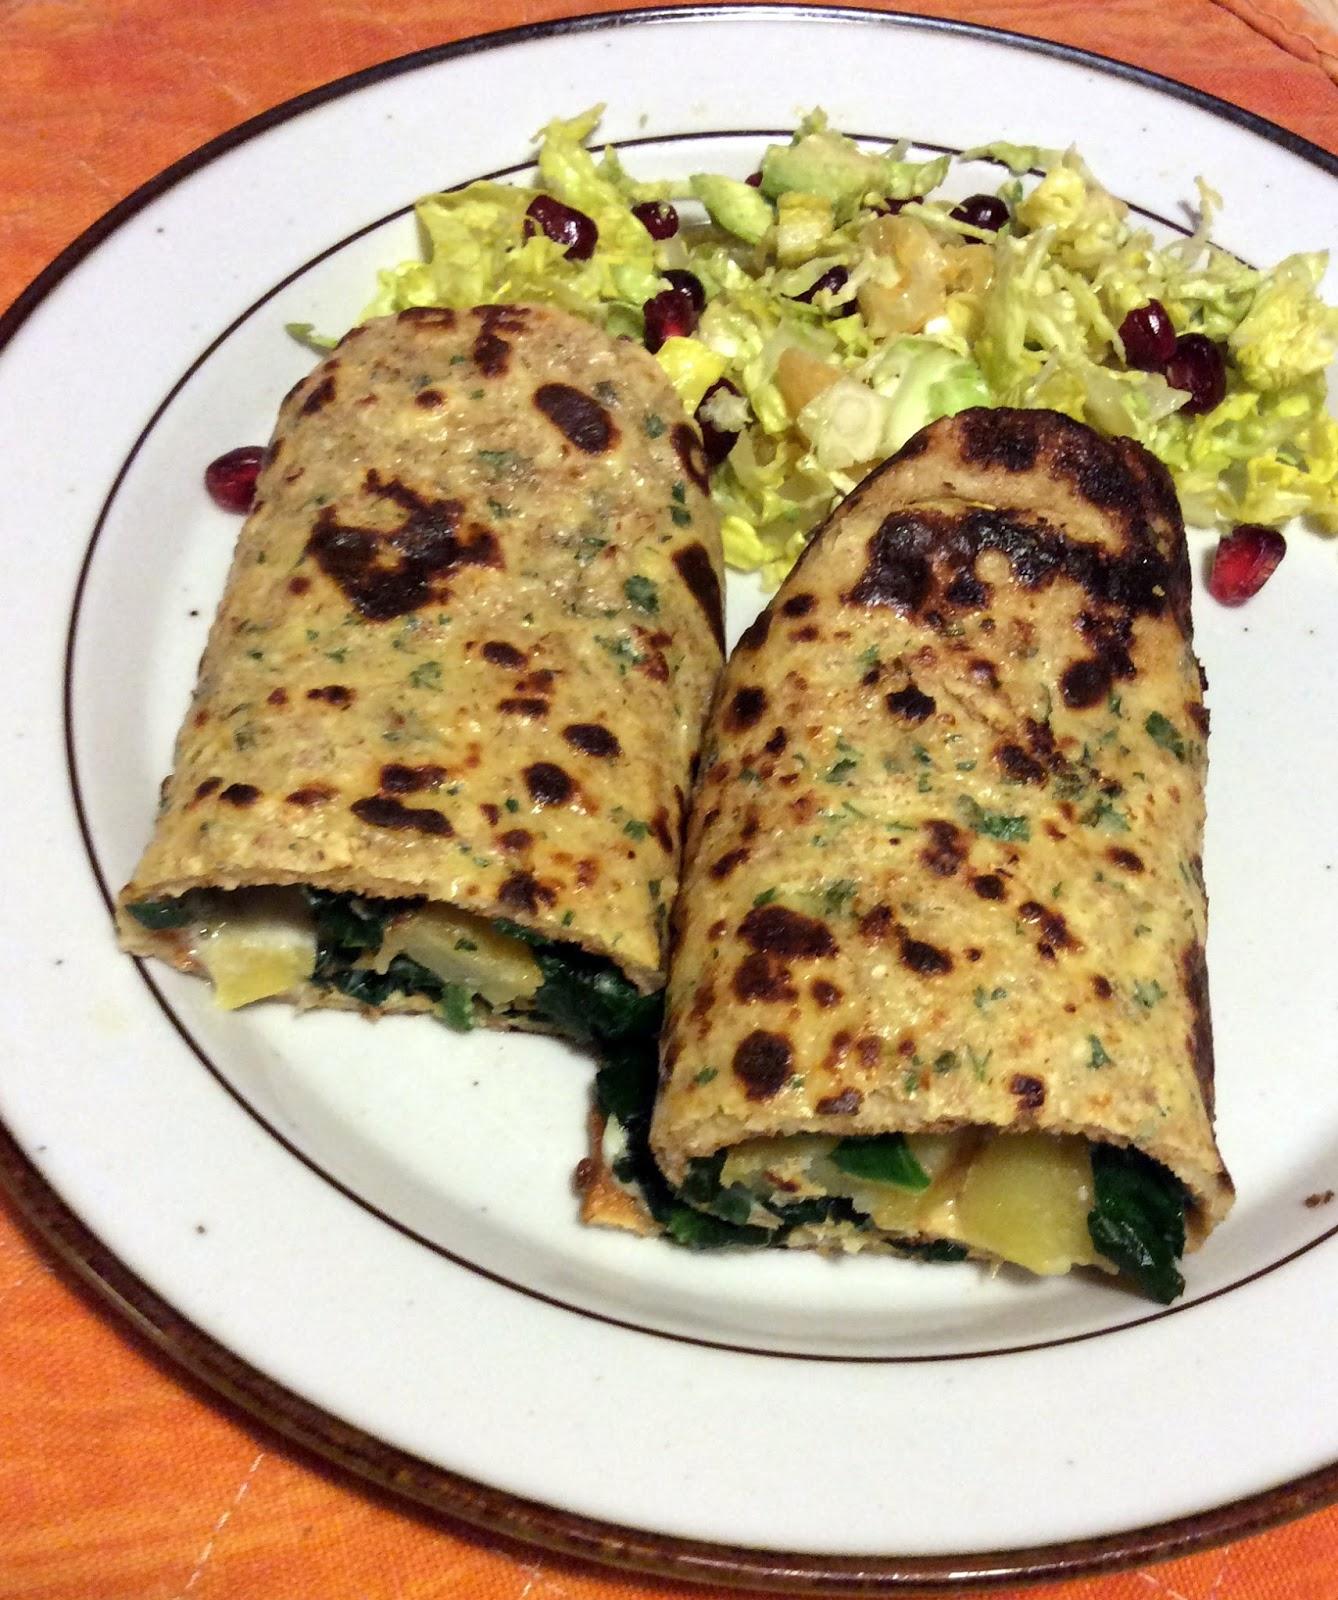 Anne Naturglad: Pandekager med fyld af kartofler, spinat og gorgonzola